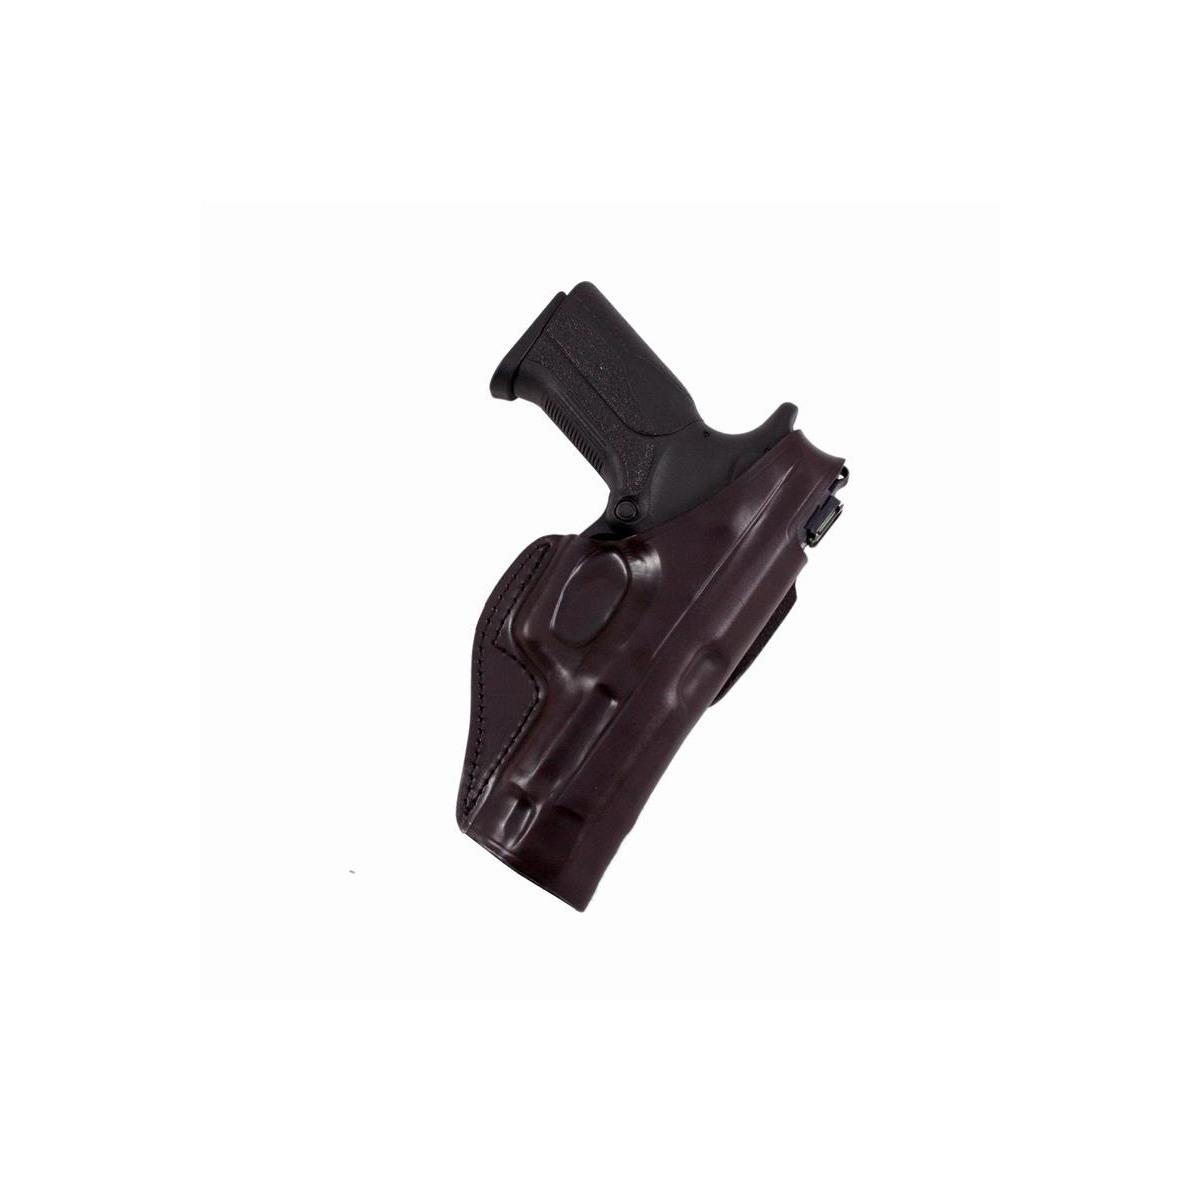 falco holster leather belt holster holsterwelt